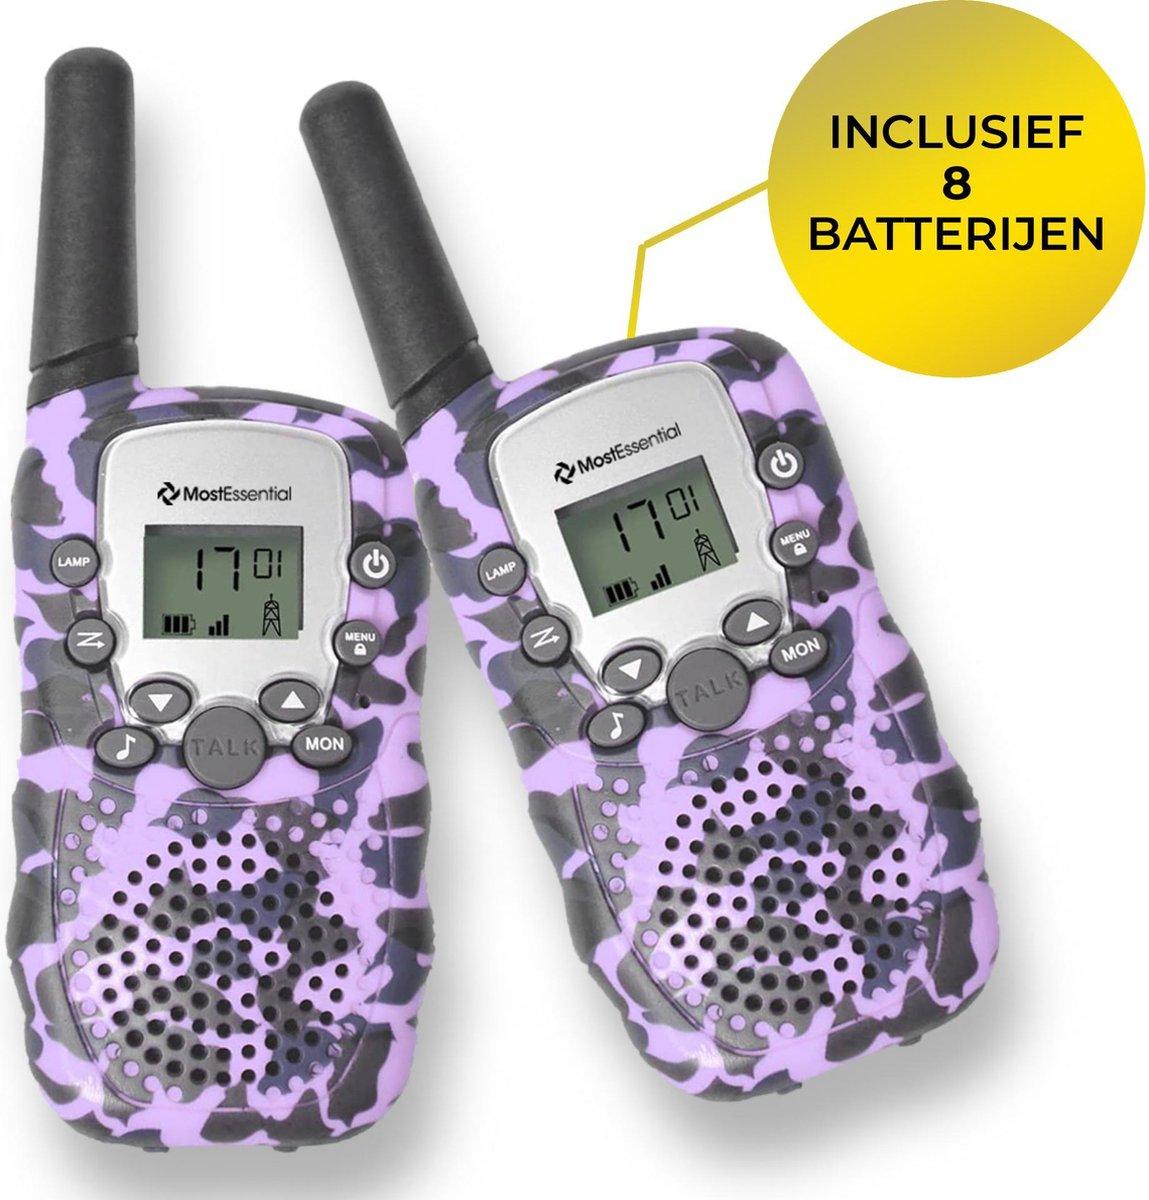 MostEssential Premium Walkie Talkie voor Kinderen - Walkie Talkie - Portofoon - Inclusief 8 Batterijen - Paars